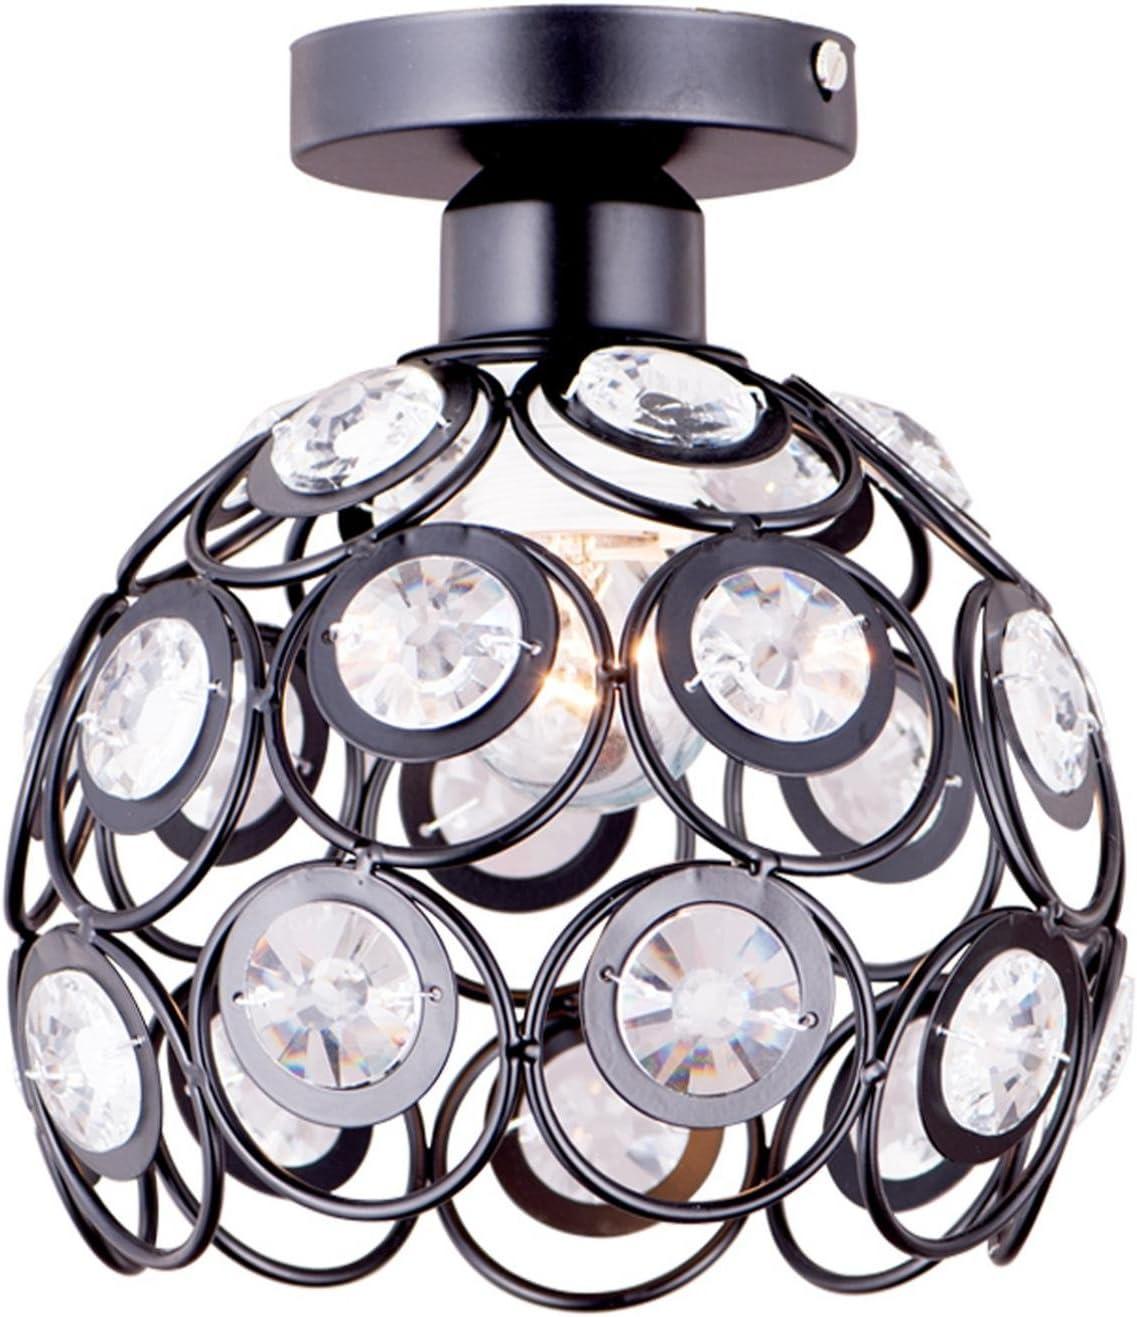 AMZH Loft Vintage luz de Techo Negro Lámpara de Techo de Hierro Forjado K9 5w AC85-265V para lámpara de Corredor lámpara de Cocina balcón